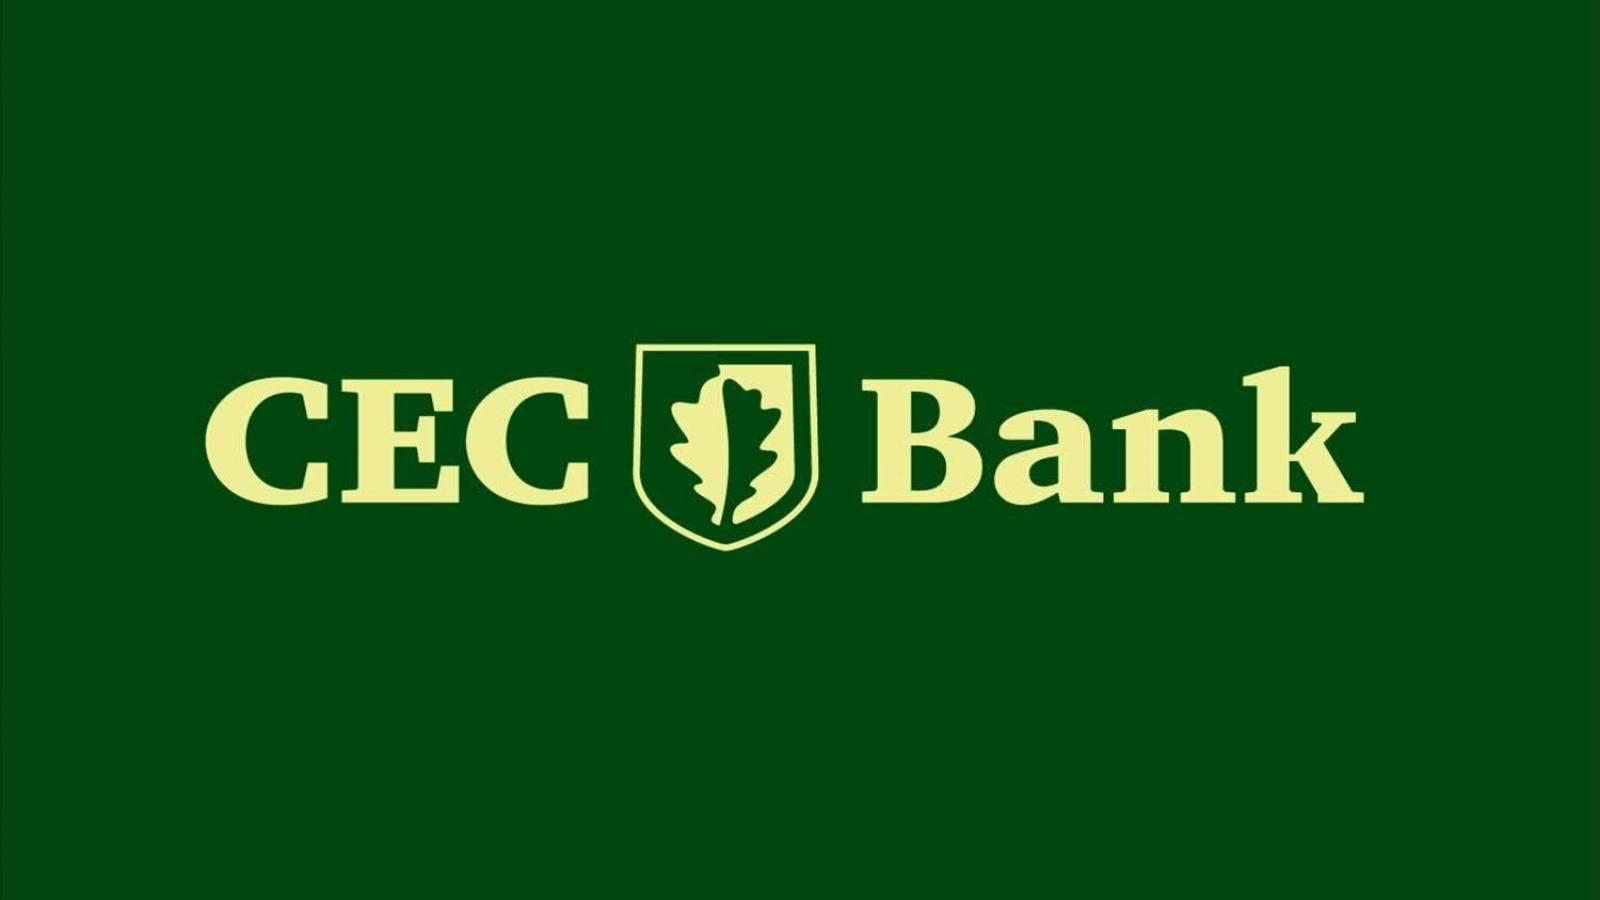 CEC Bank concurs